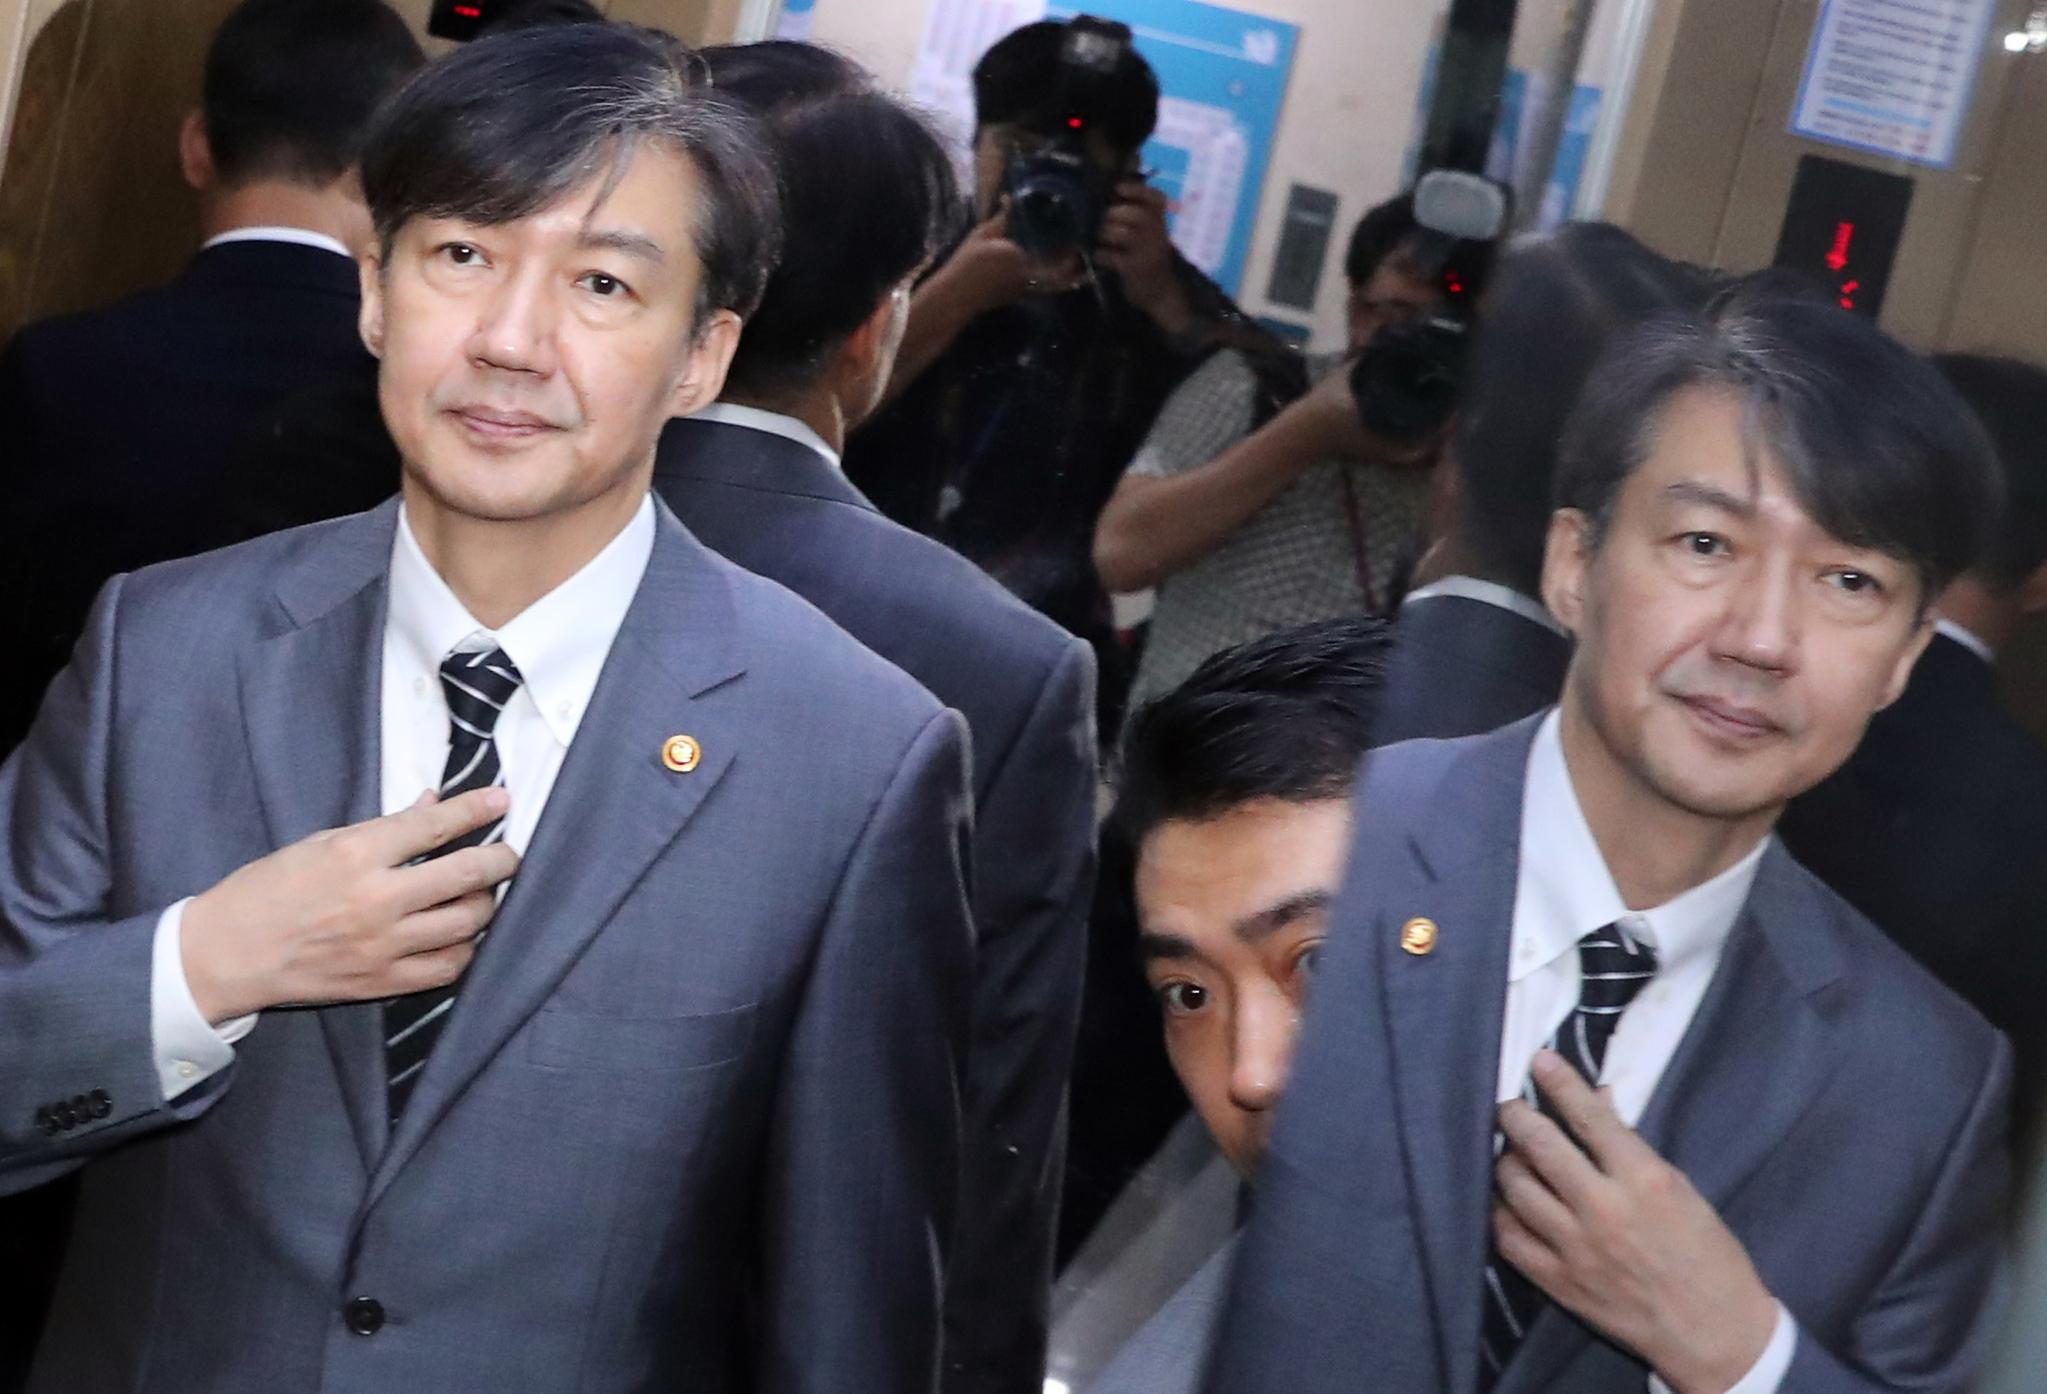 조국 법무부 장관이 19일 오전 국회 의원회관에서 박지원 대한정치연대 의원을 예방을 마친 뒤 엘리베이터에 탑승해 있다. 김경록 기자